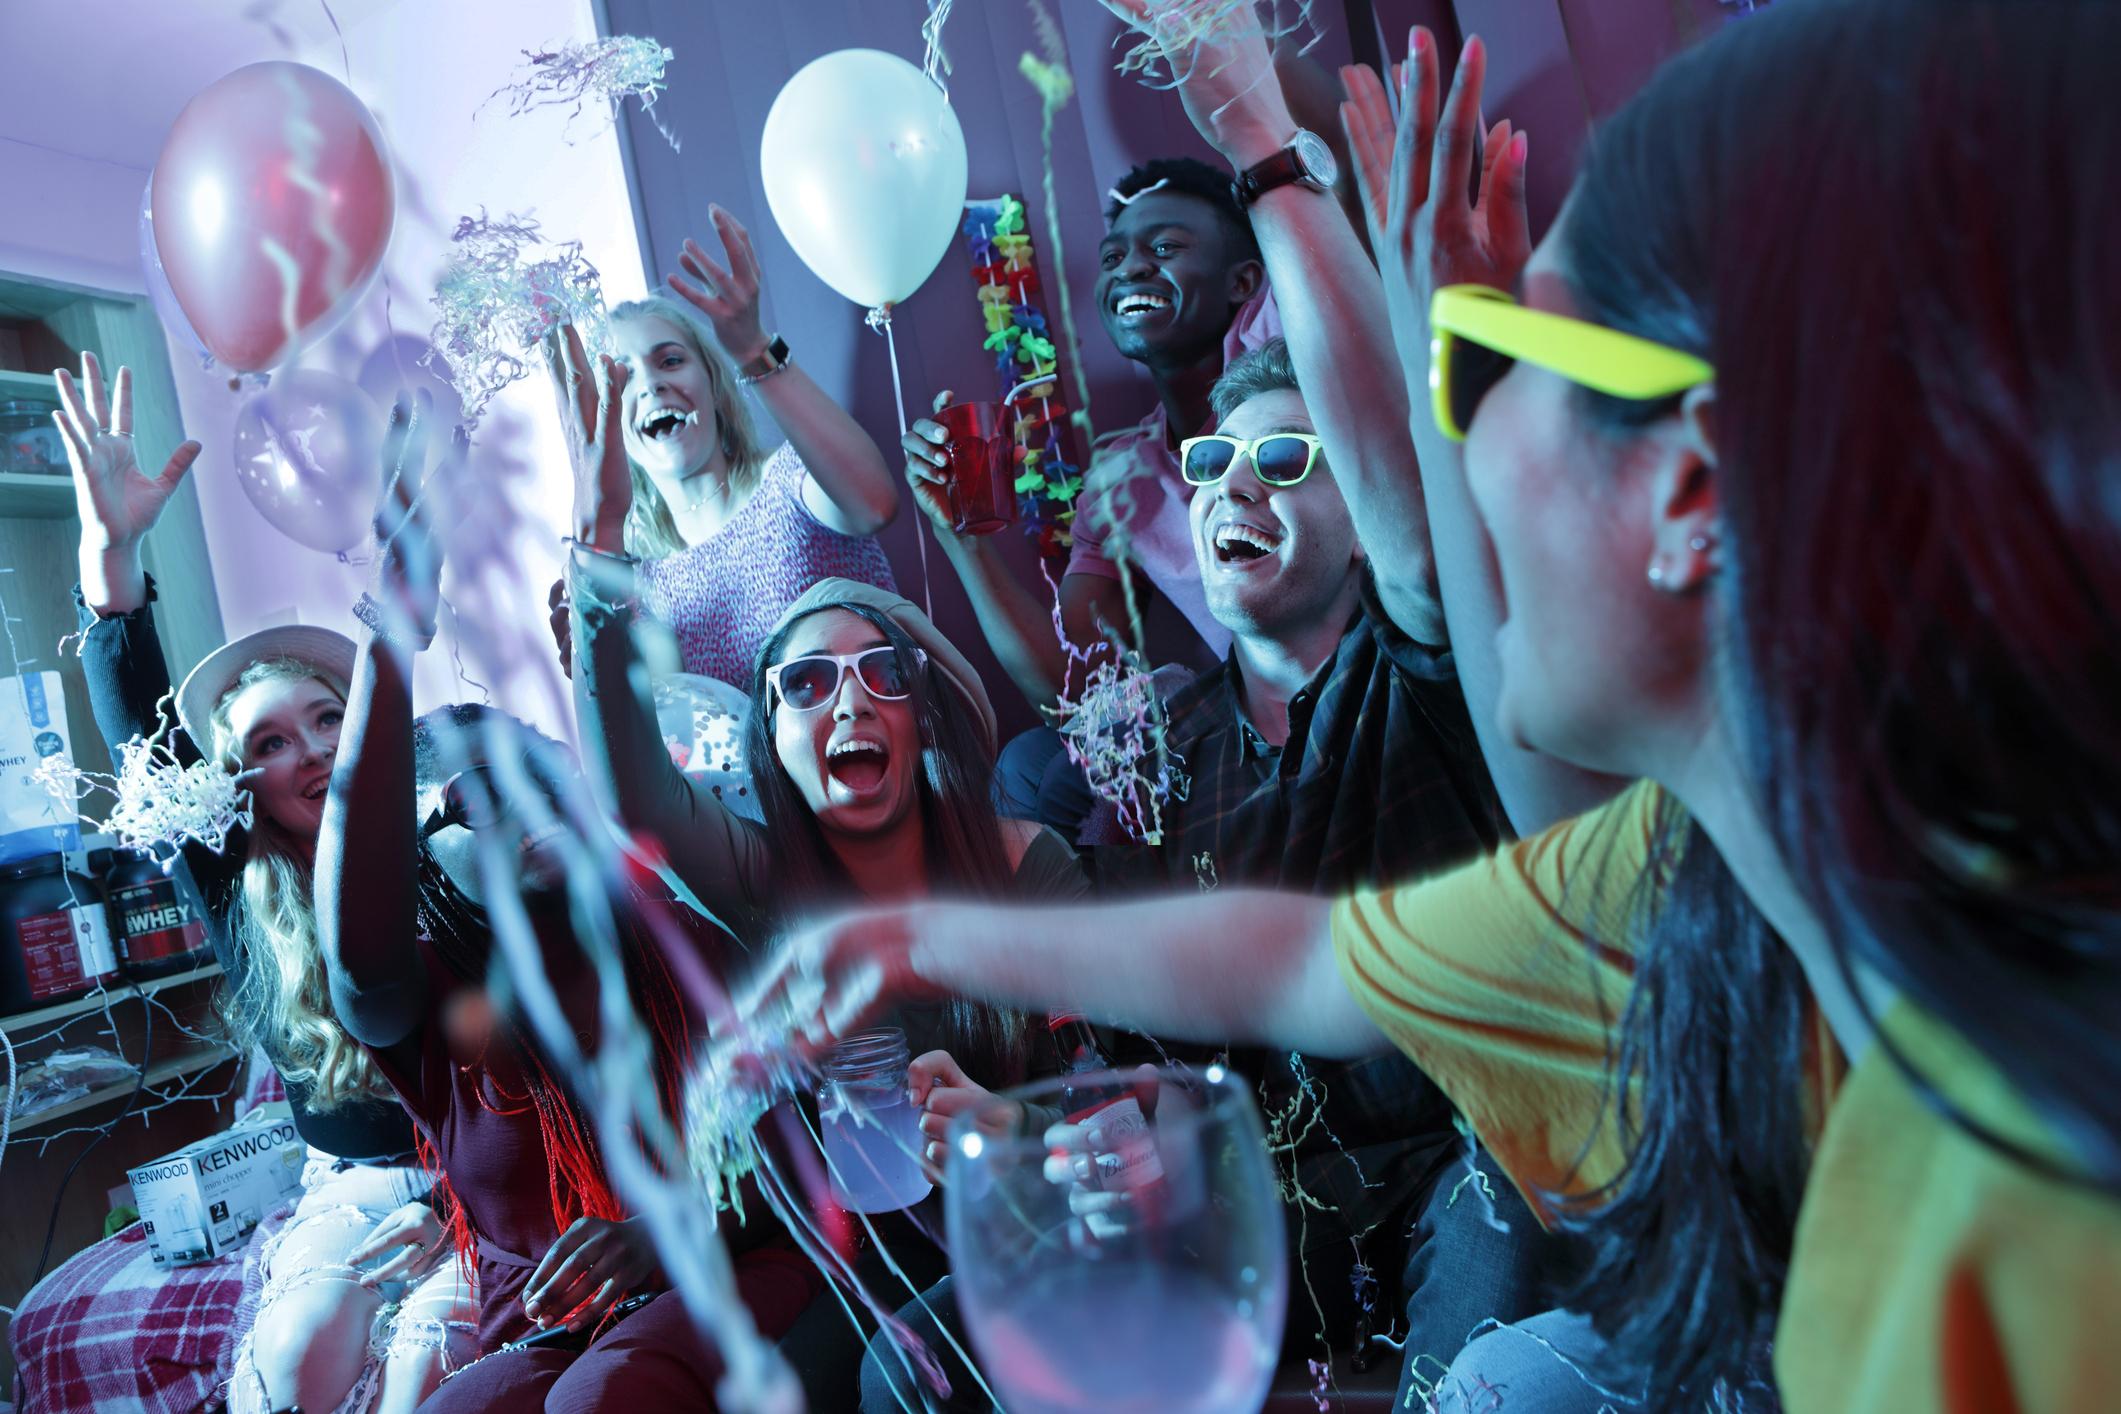 Joacă Jocuri Gratuite și Câștigă Bani | Clasamentul a 10 cazinouri online - Tequila Gran Diamante